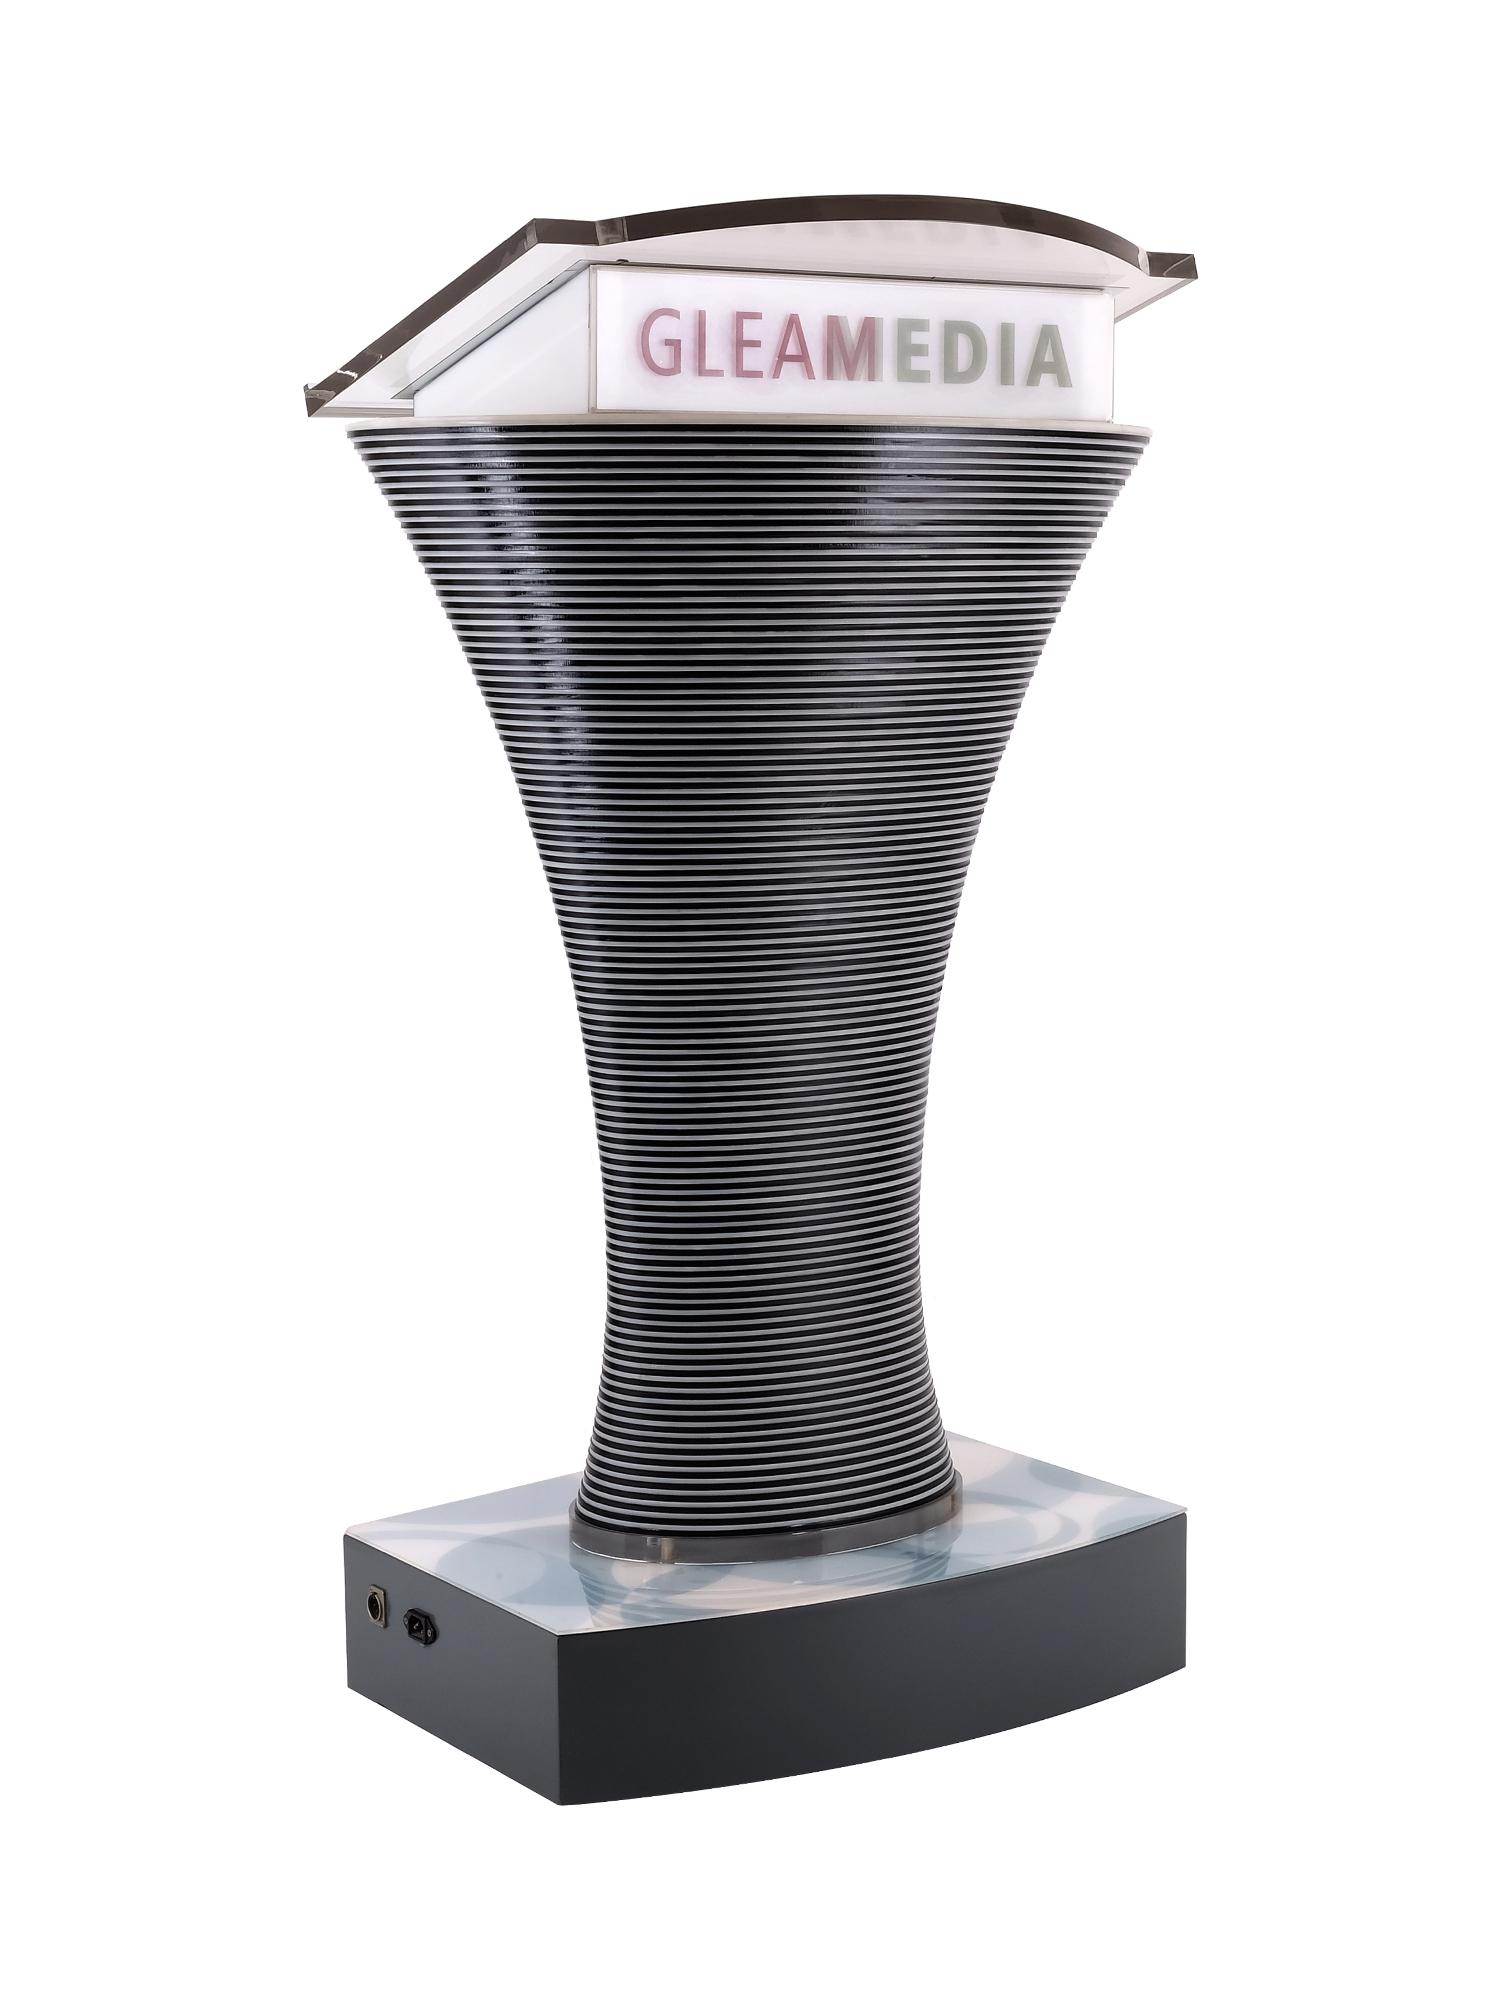 Gleamedia